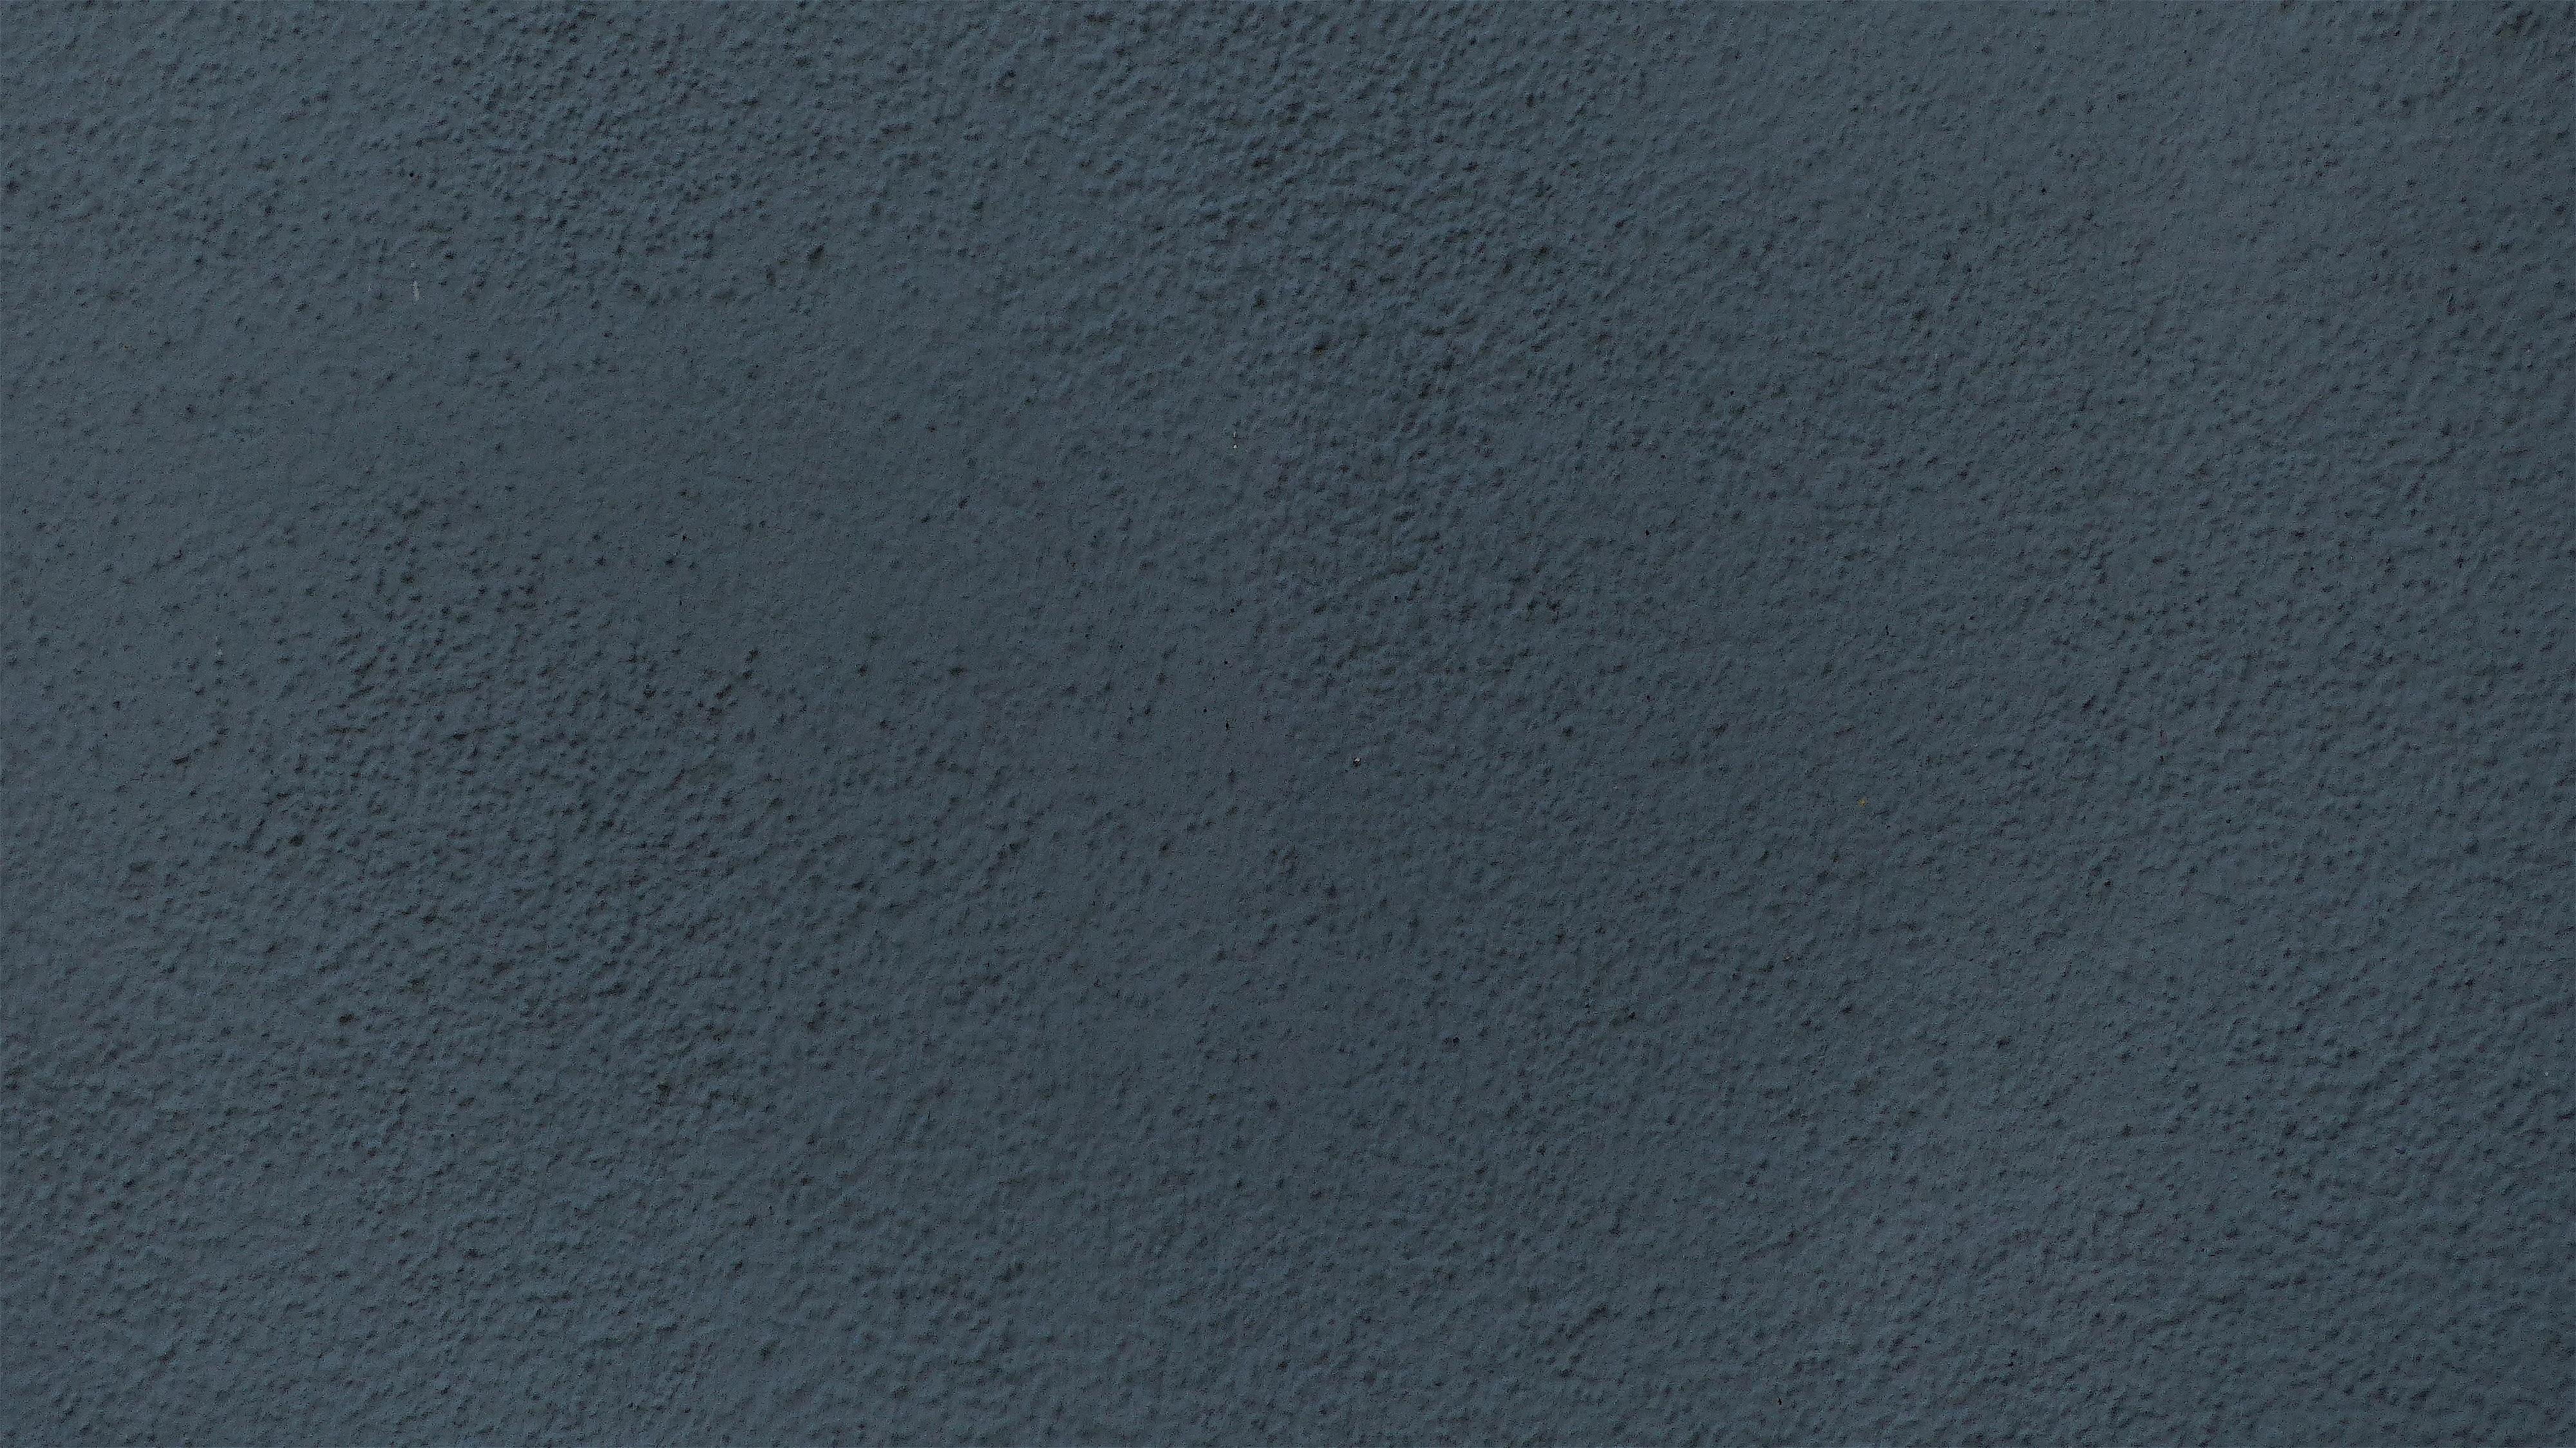 Textur Stock Gebäude Zuhause Mauer Asphalt Muster Linie Fassade Blau  Steinwand Material Flocke Grau Hintergrund Gips